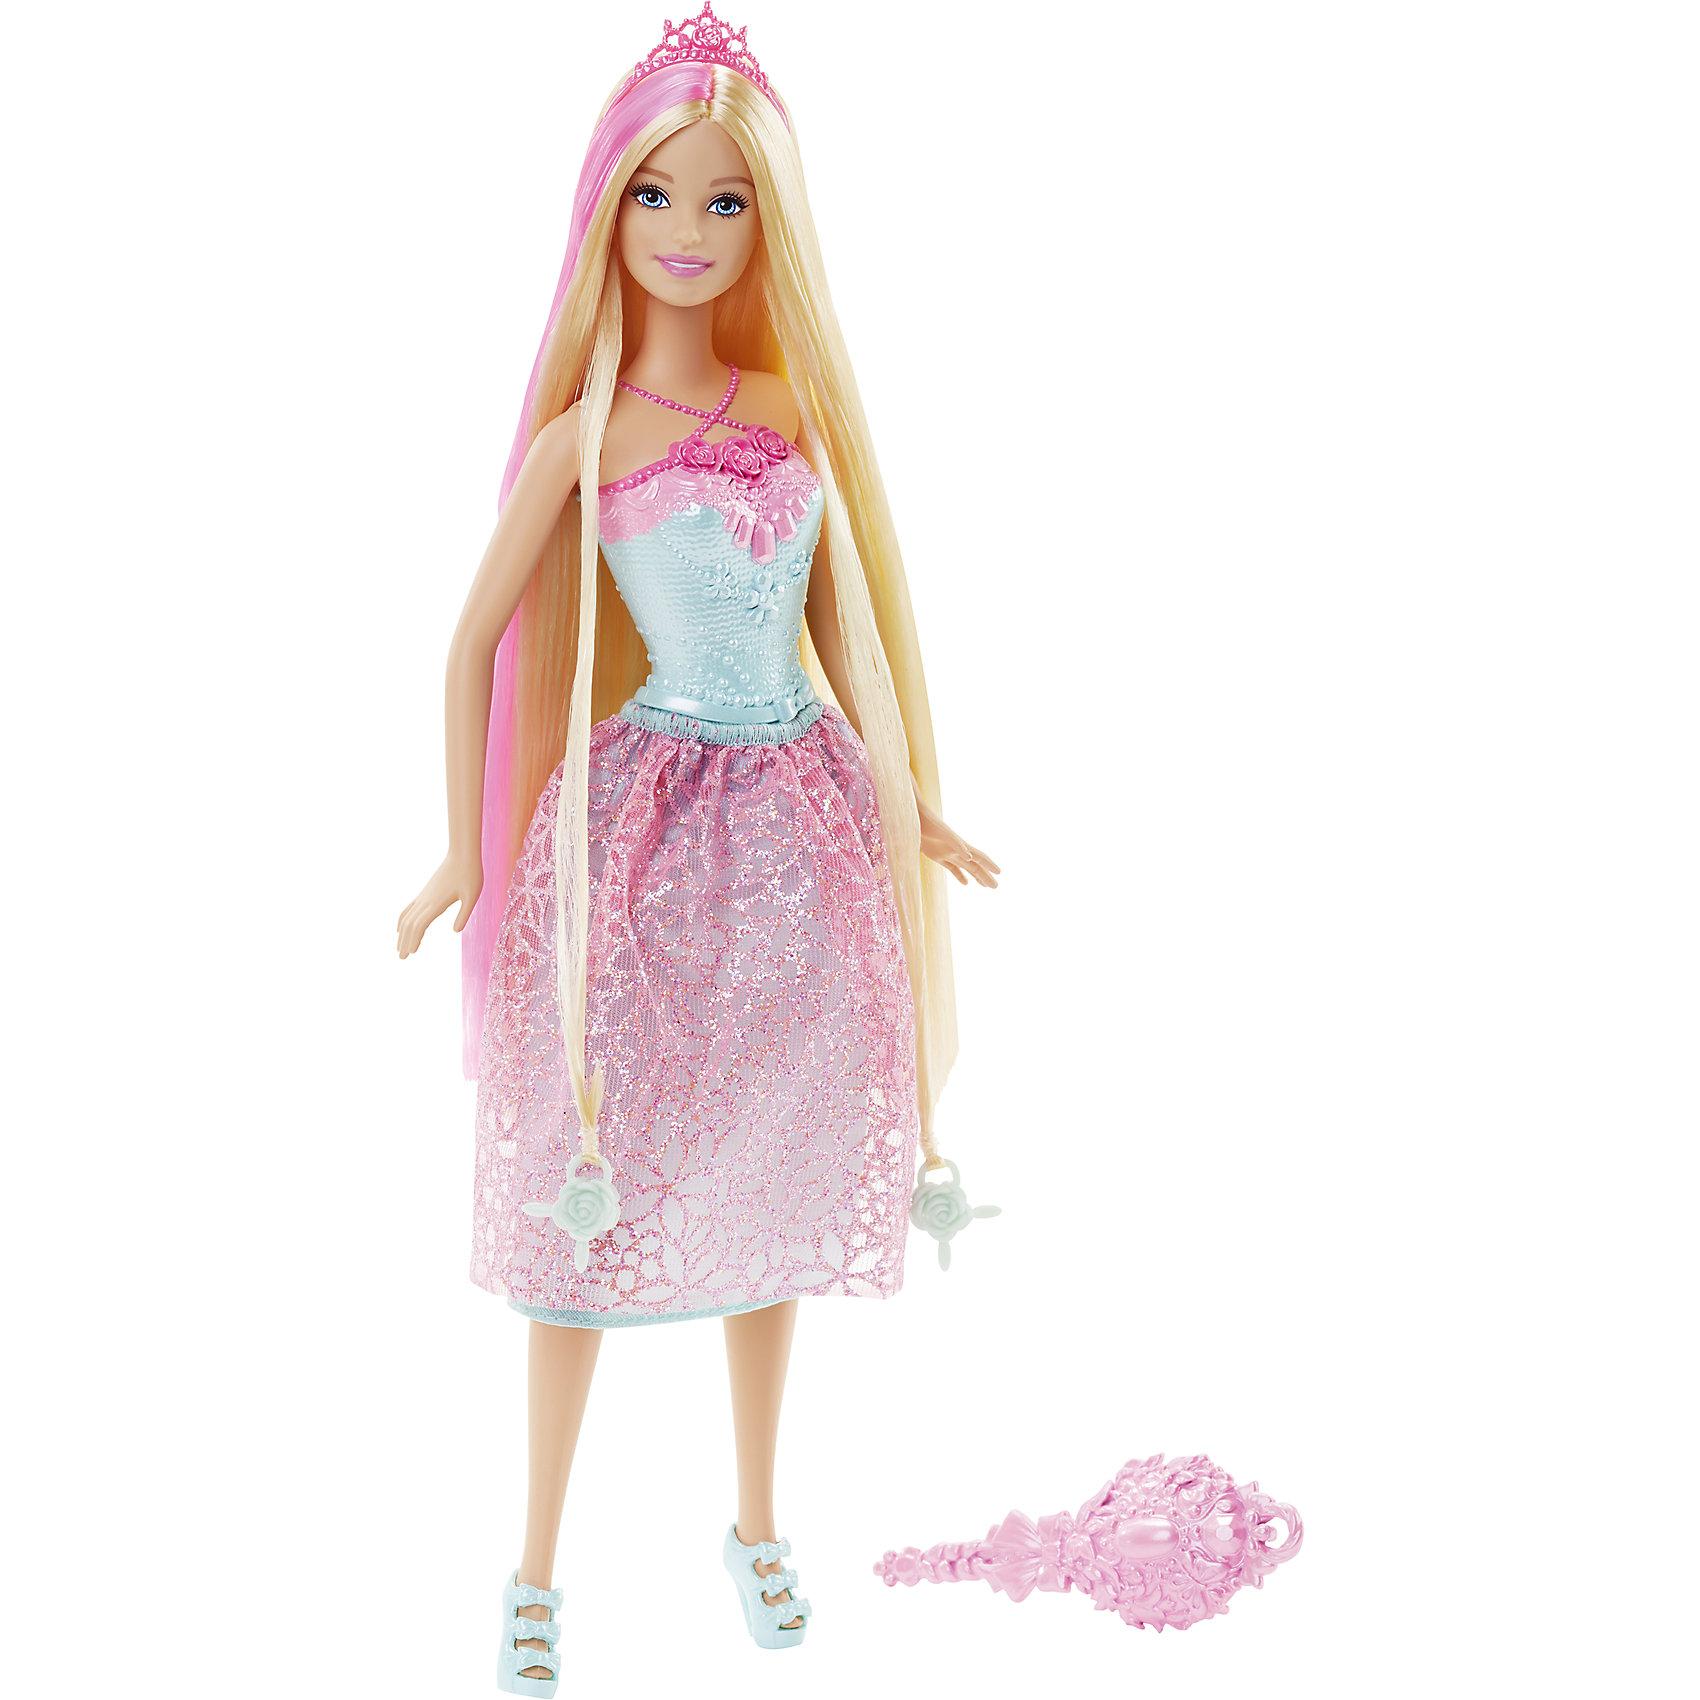 Кукла Принцесса с длинными волосами в ассортименте, Barbie